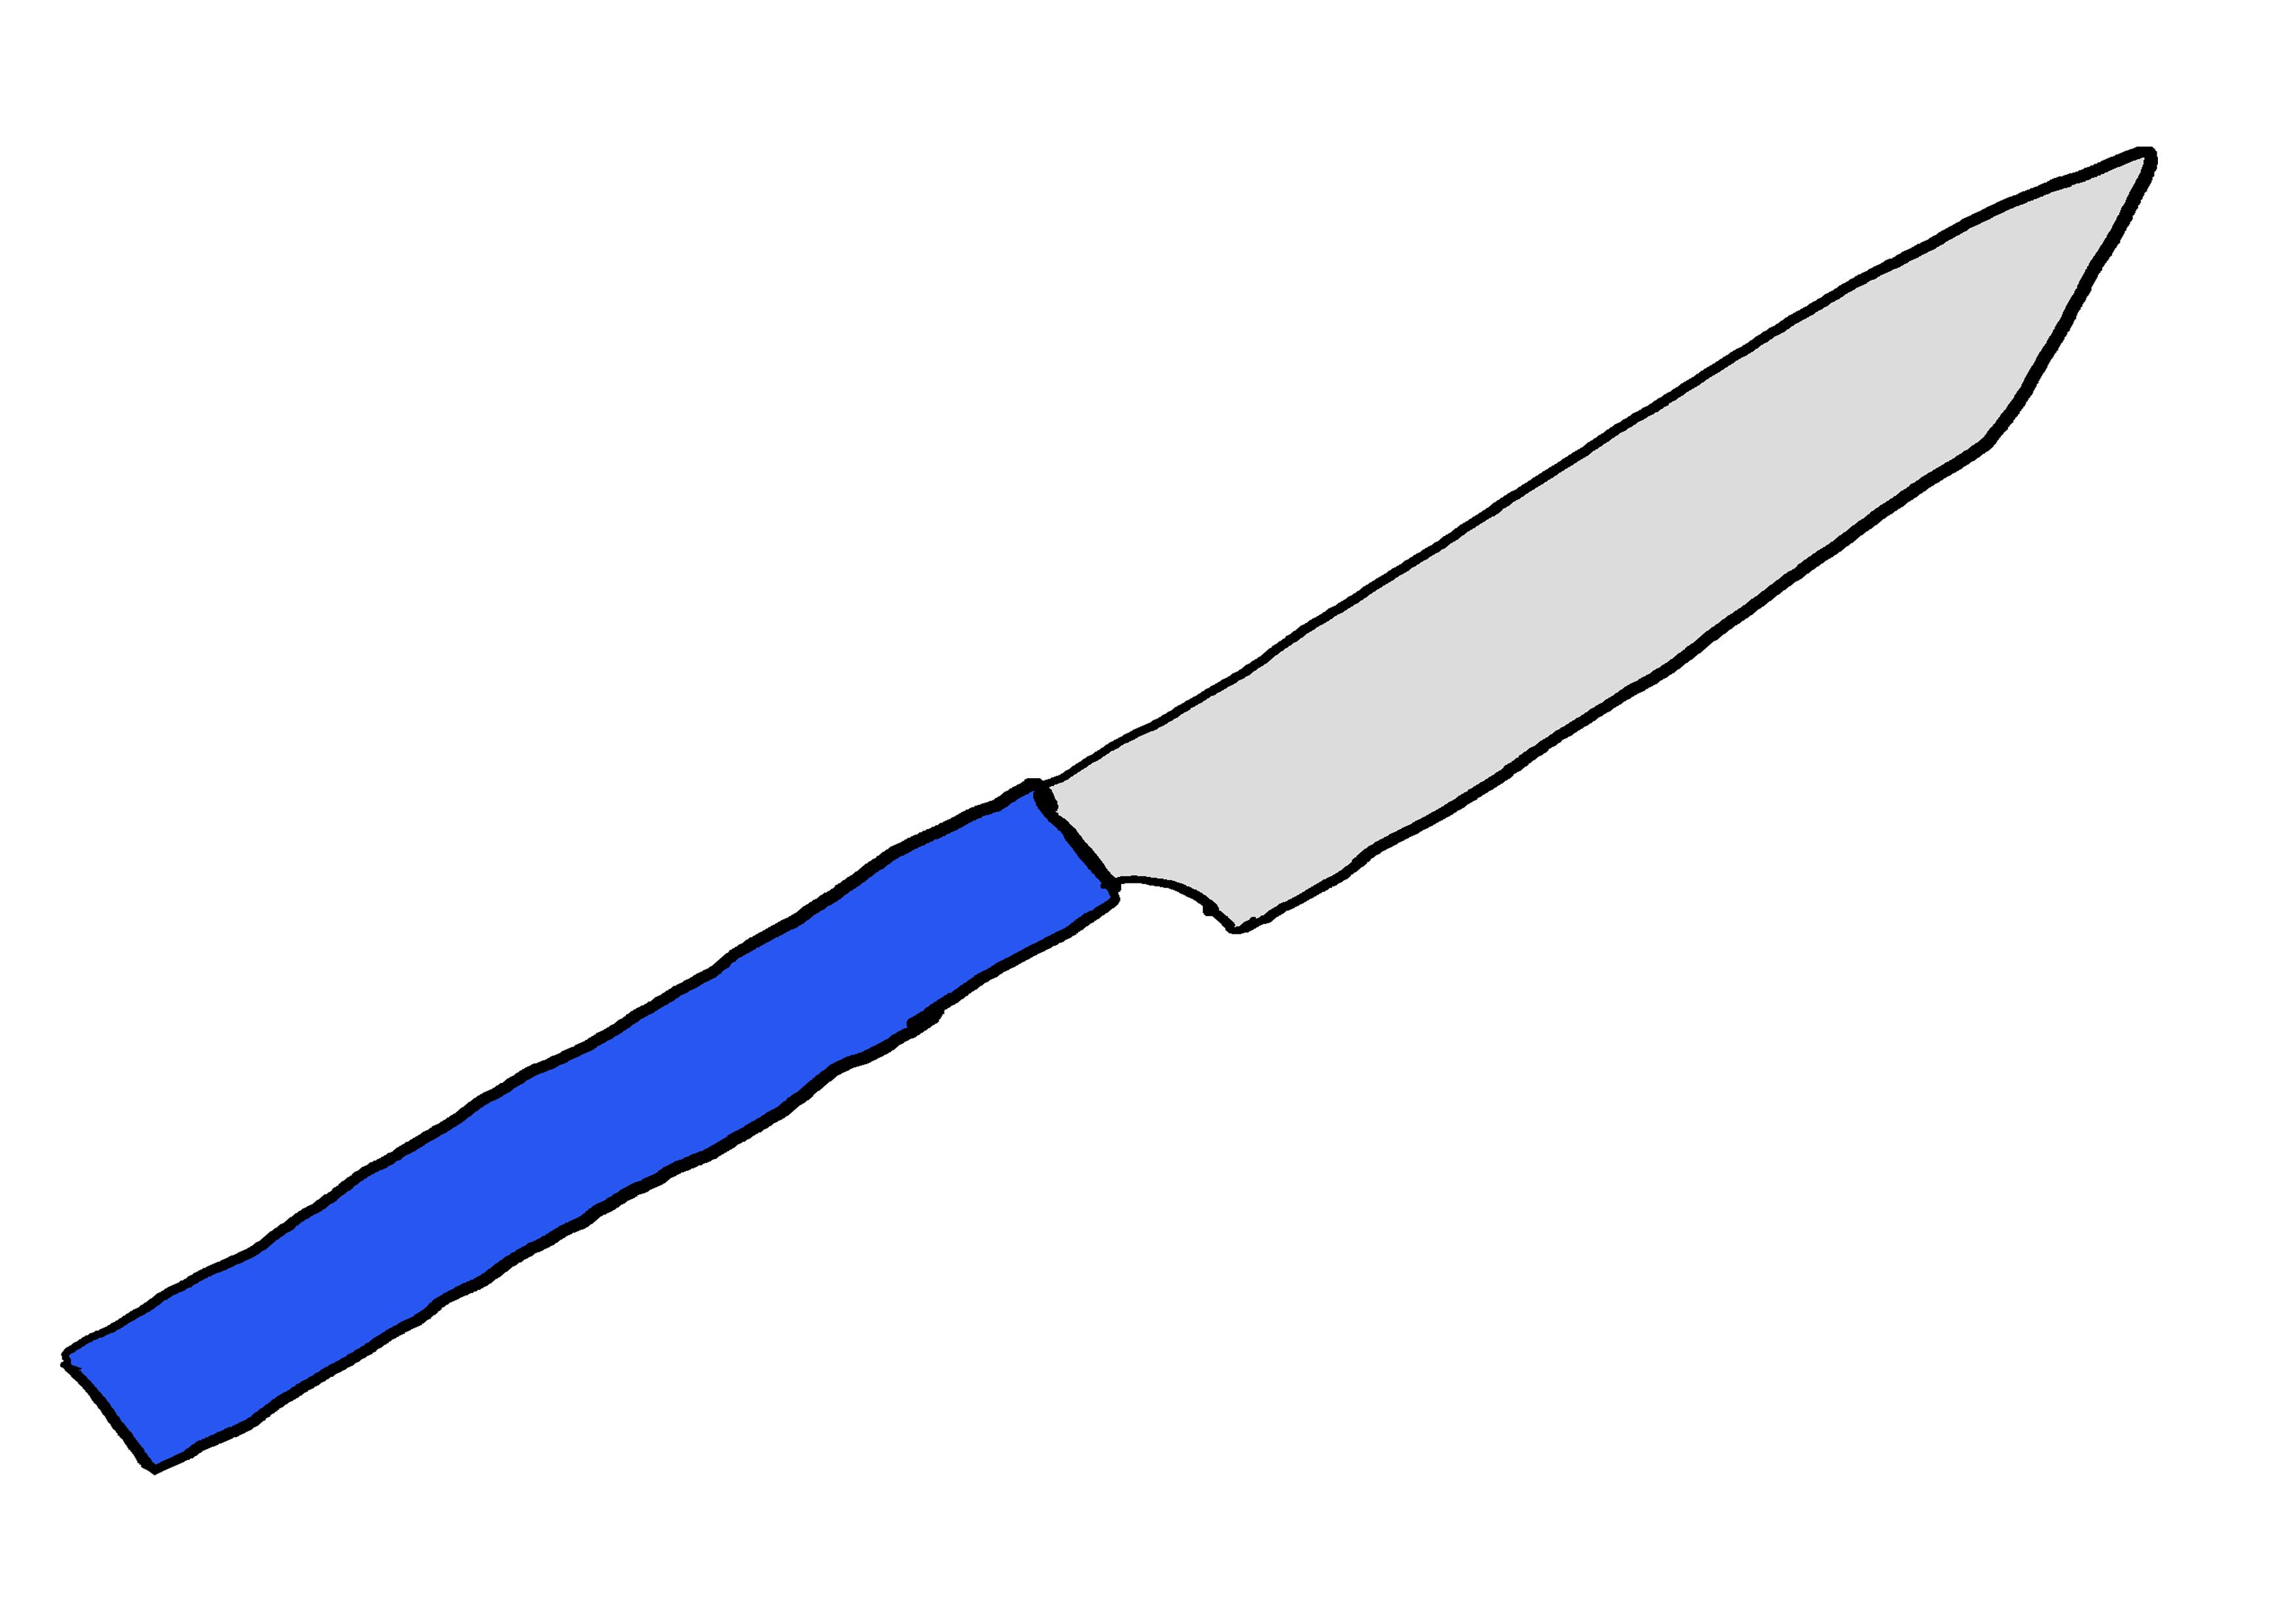 イラスト【ナイフ】